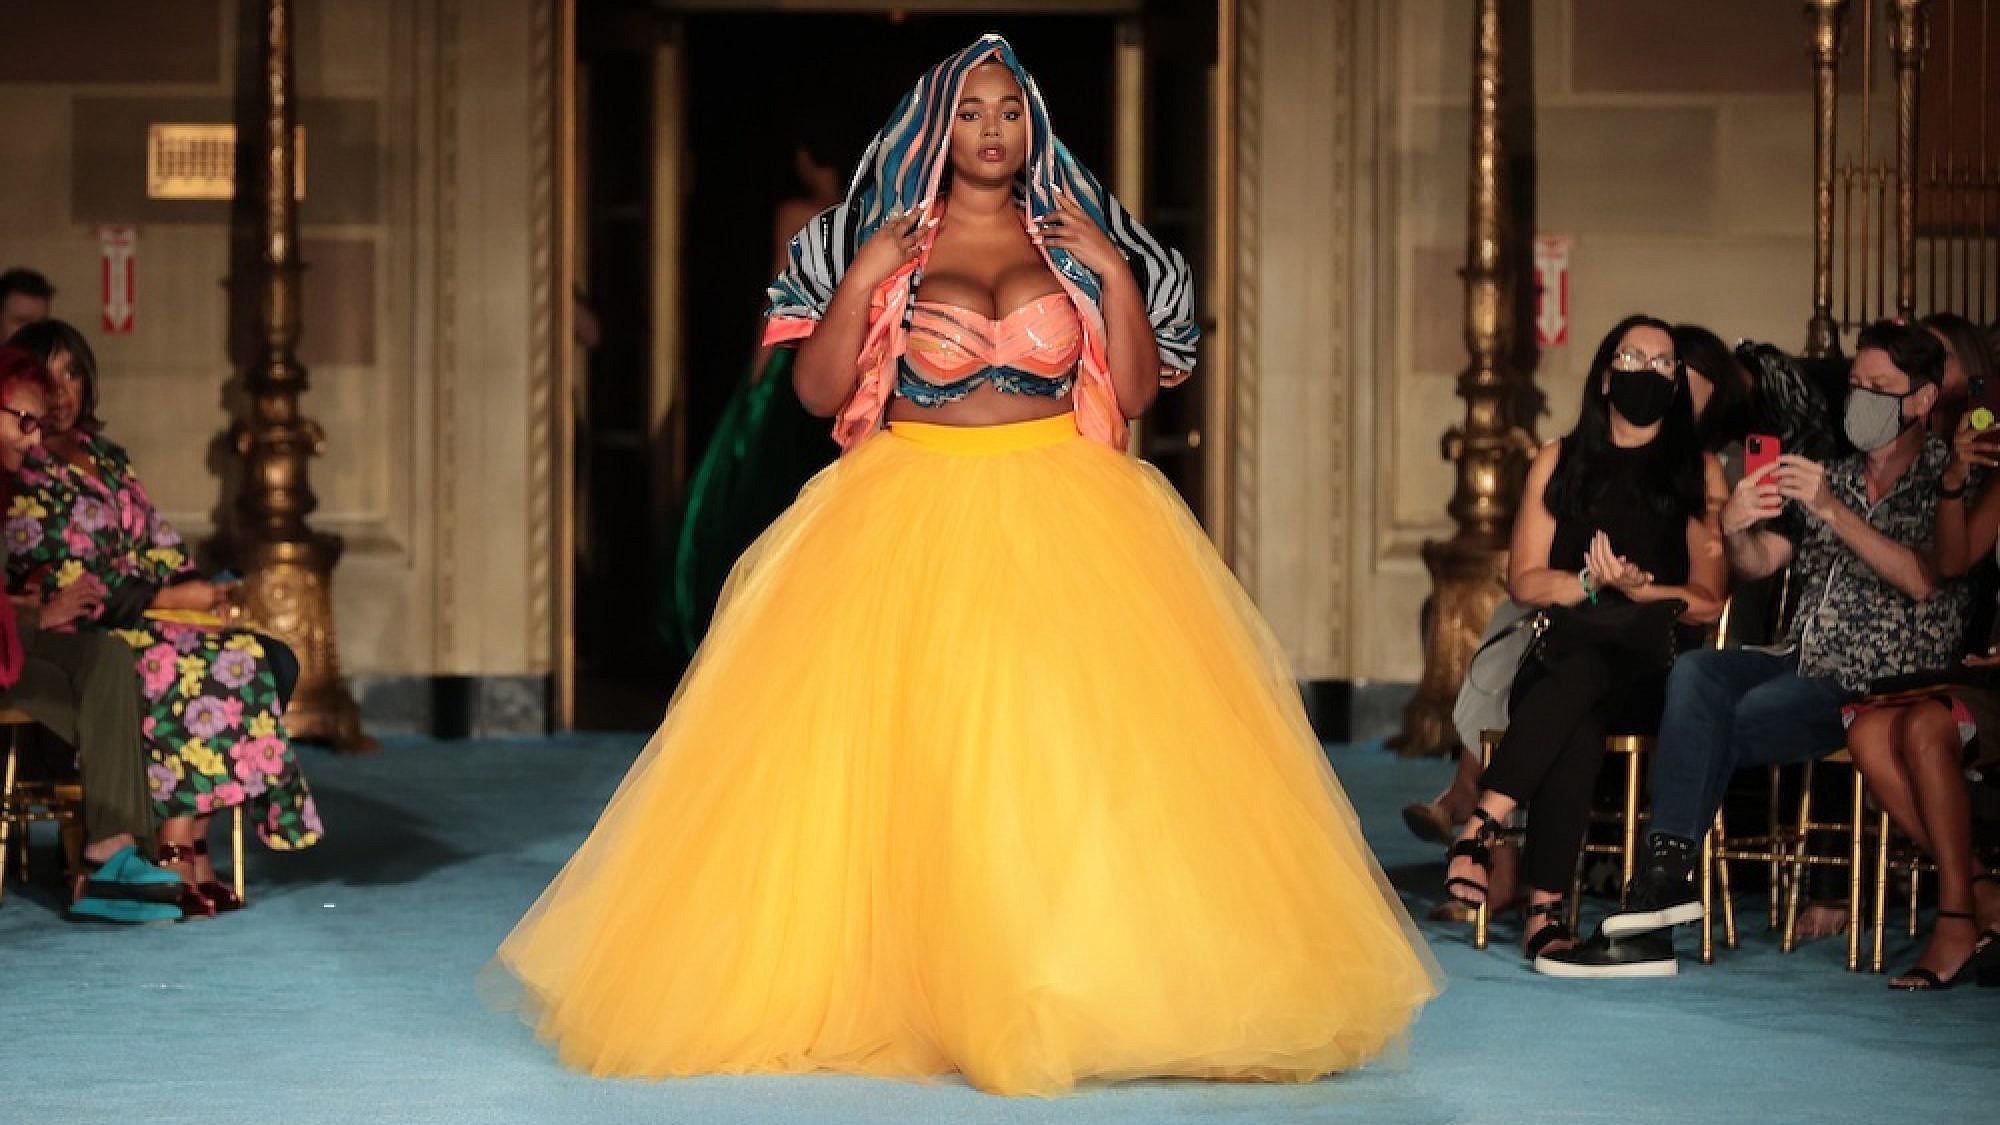 התצוגה של כריסטיאן סיריאנו, אביב-קיץ 2022, שבוע האופנה ניו יורק   צילום: Mike Coppola/Getty Images (for Christian Siriano)